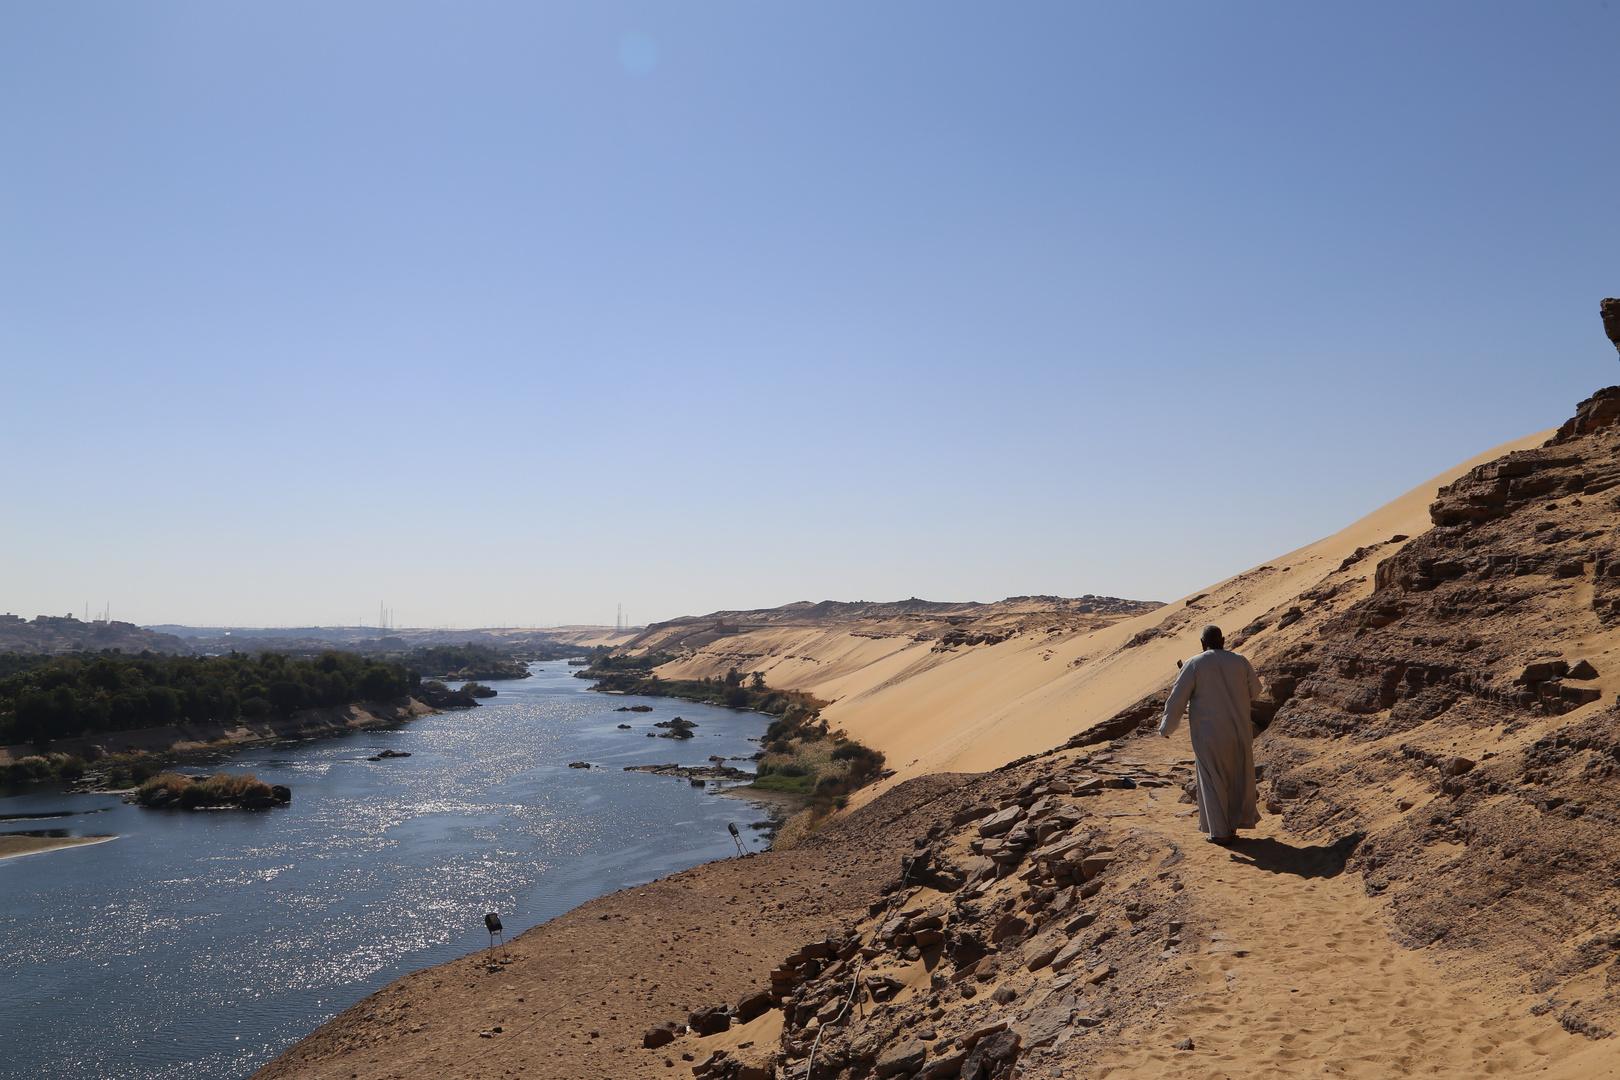 Ägypten bei Assuan